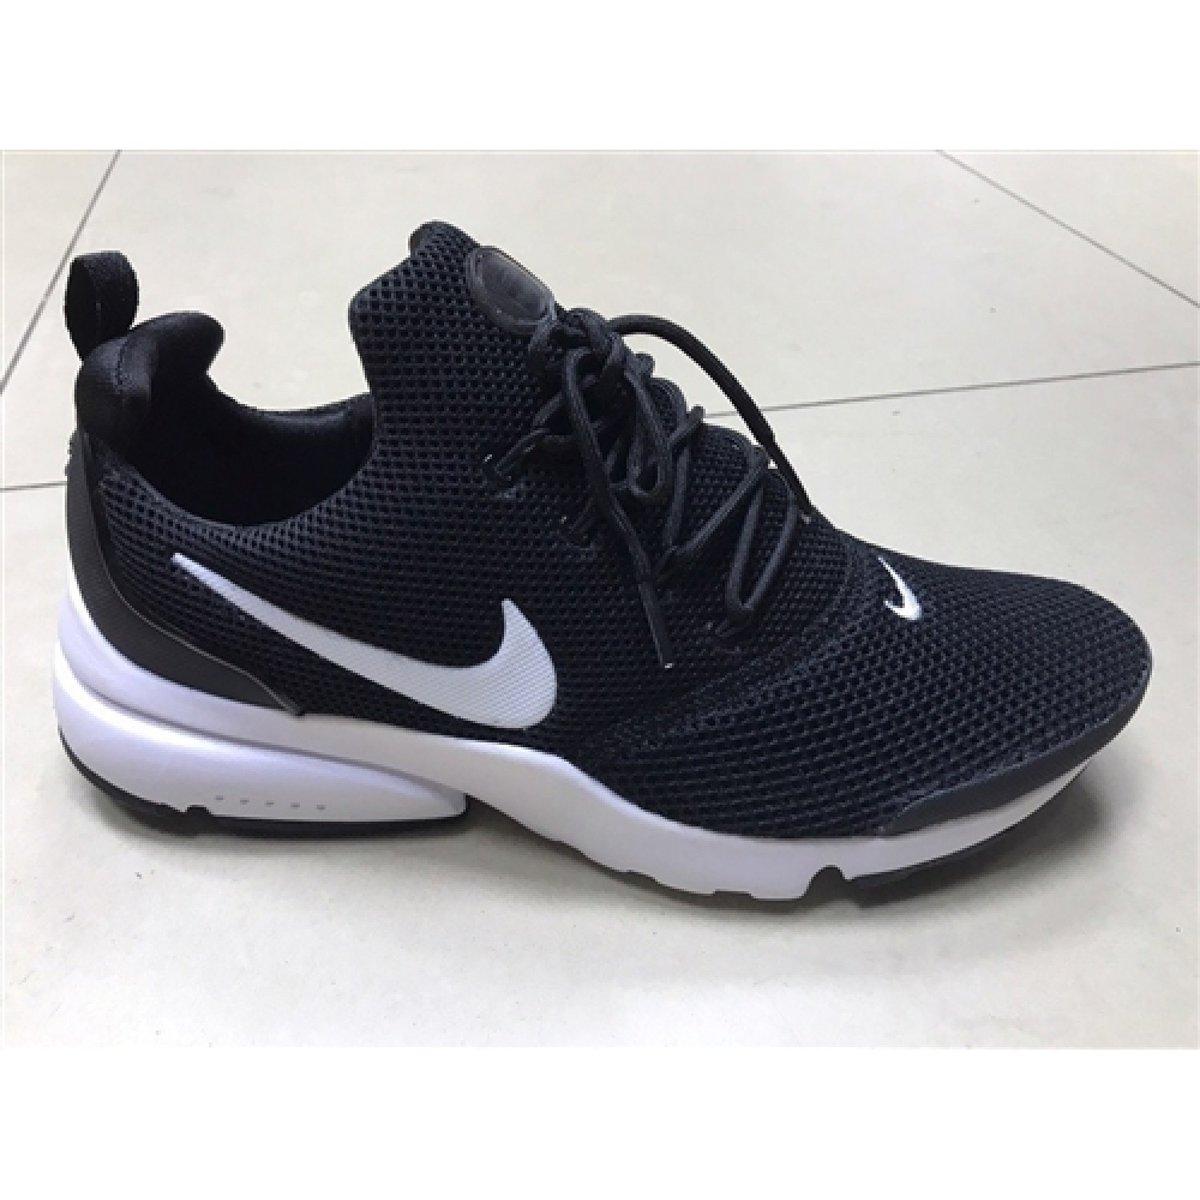 Мужские кроссовки nike air presto all black Перейти на официальный сайт  производителя... ✓ a495e25b081